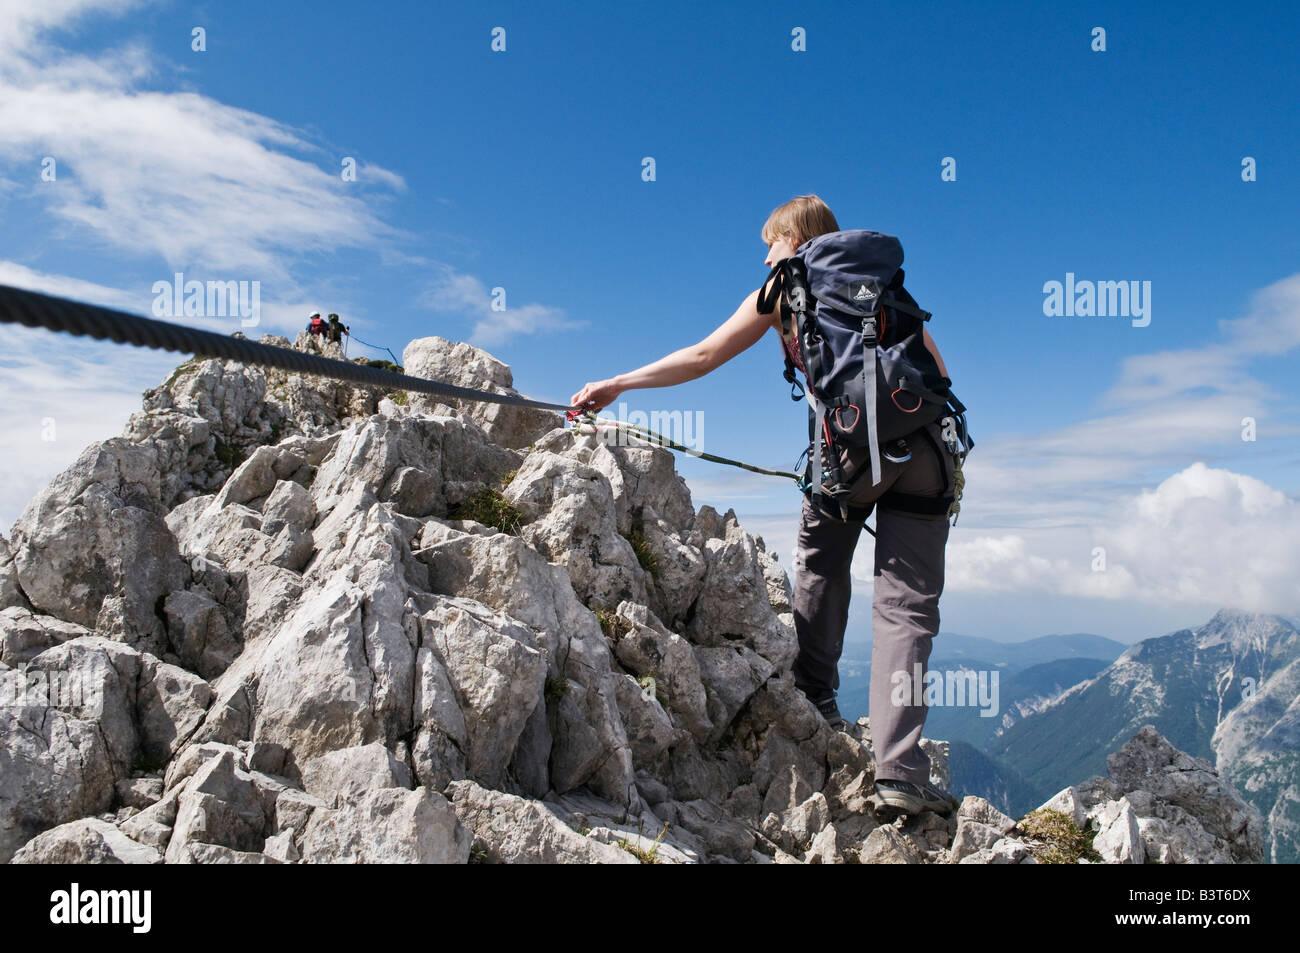 Klettersteig Ferrata : Weibliche wanderer auf via ferrata klettersteig route der